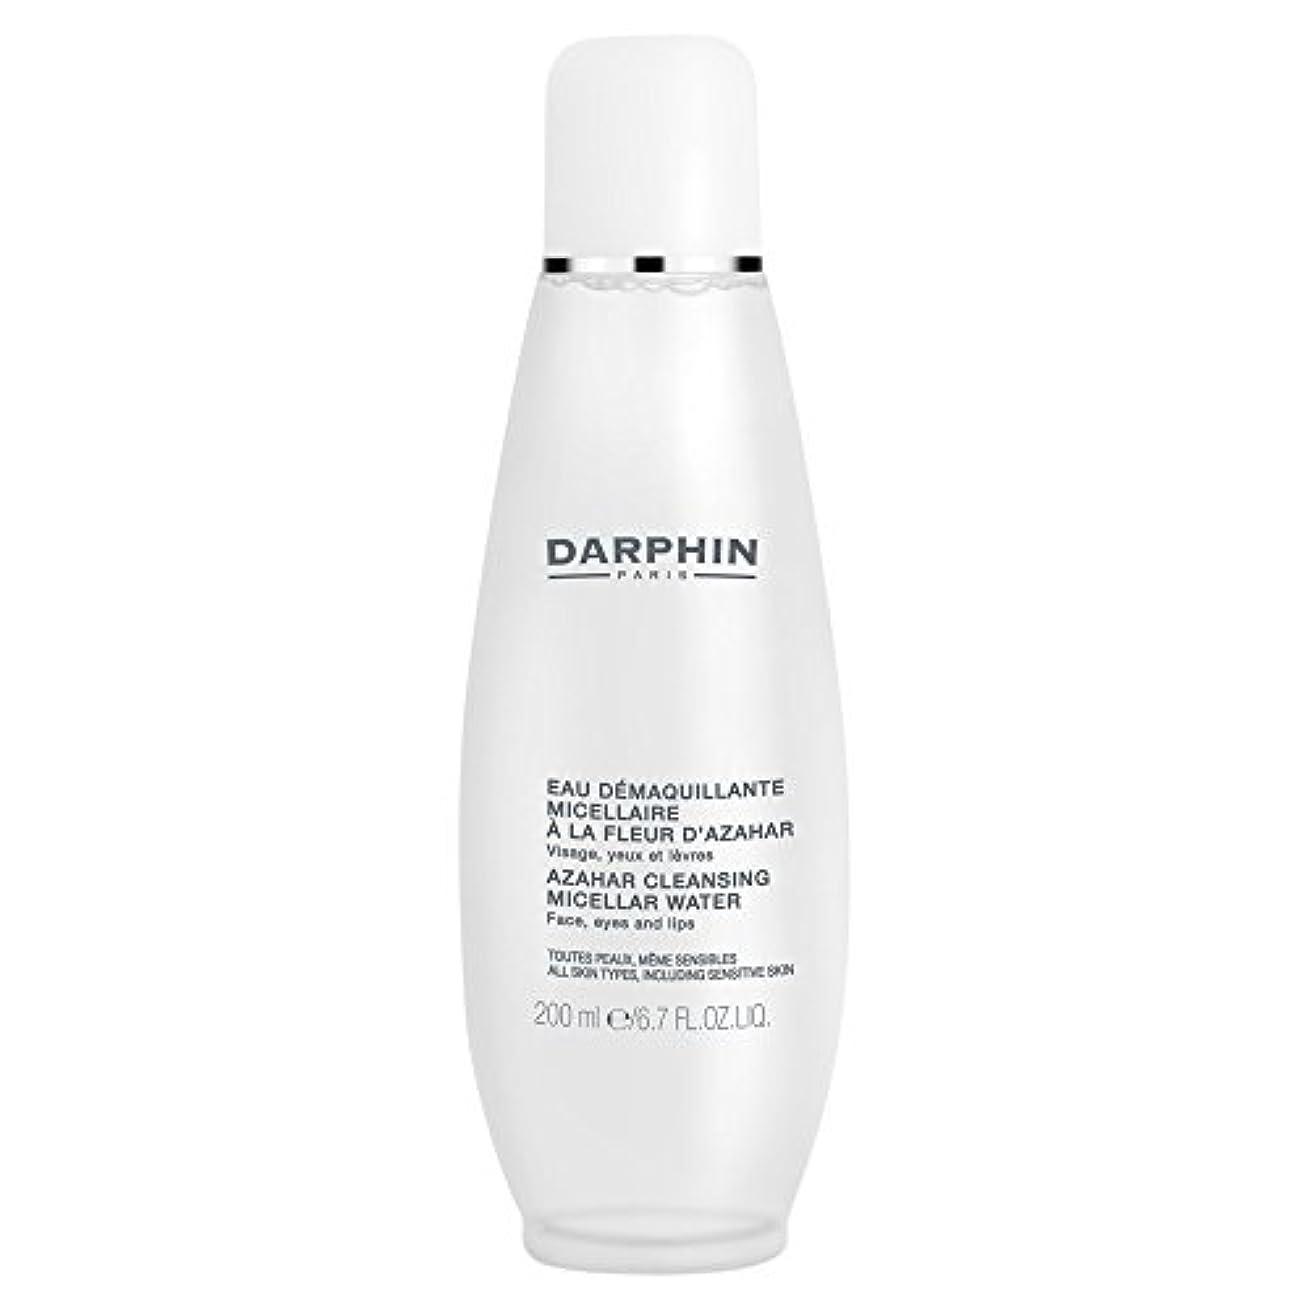 ゴールデン富豪ラバミセル水クレンジングアサールダルファン、200ミリリットル (Darphin) (x6) - Darphin Azahar Cleansing Micellar Water, 200ml (Pack of 6) [並行輸入品]